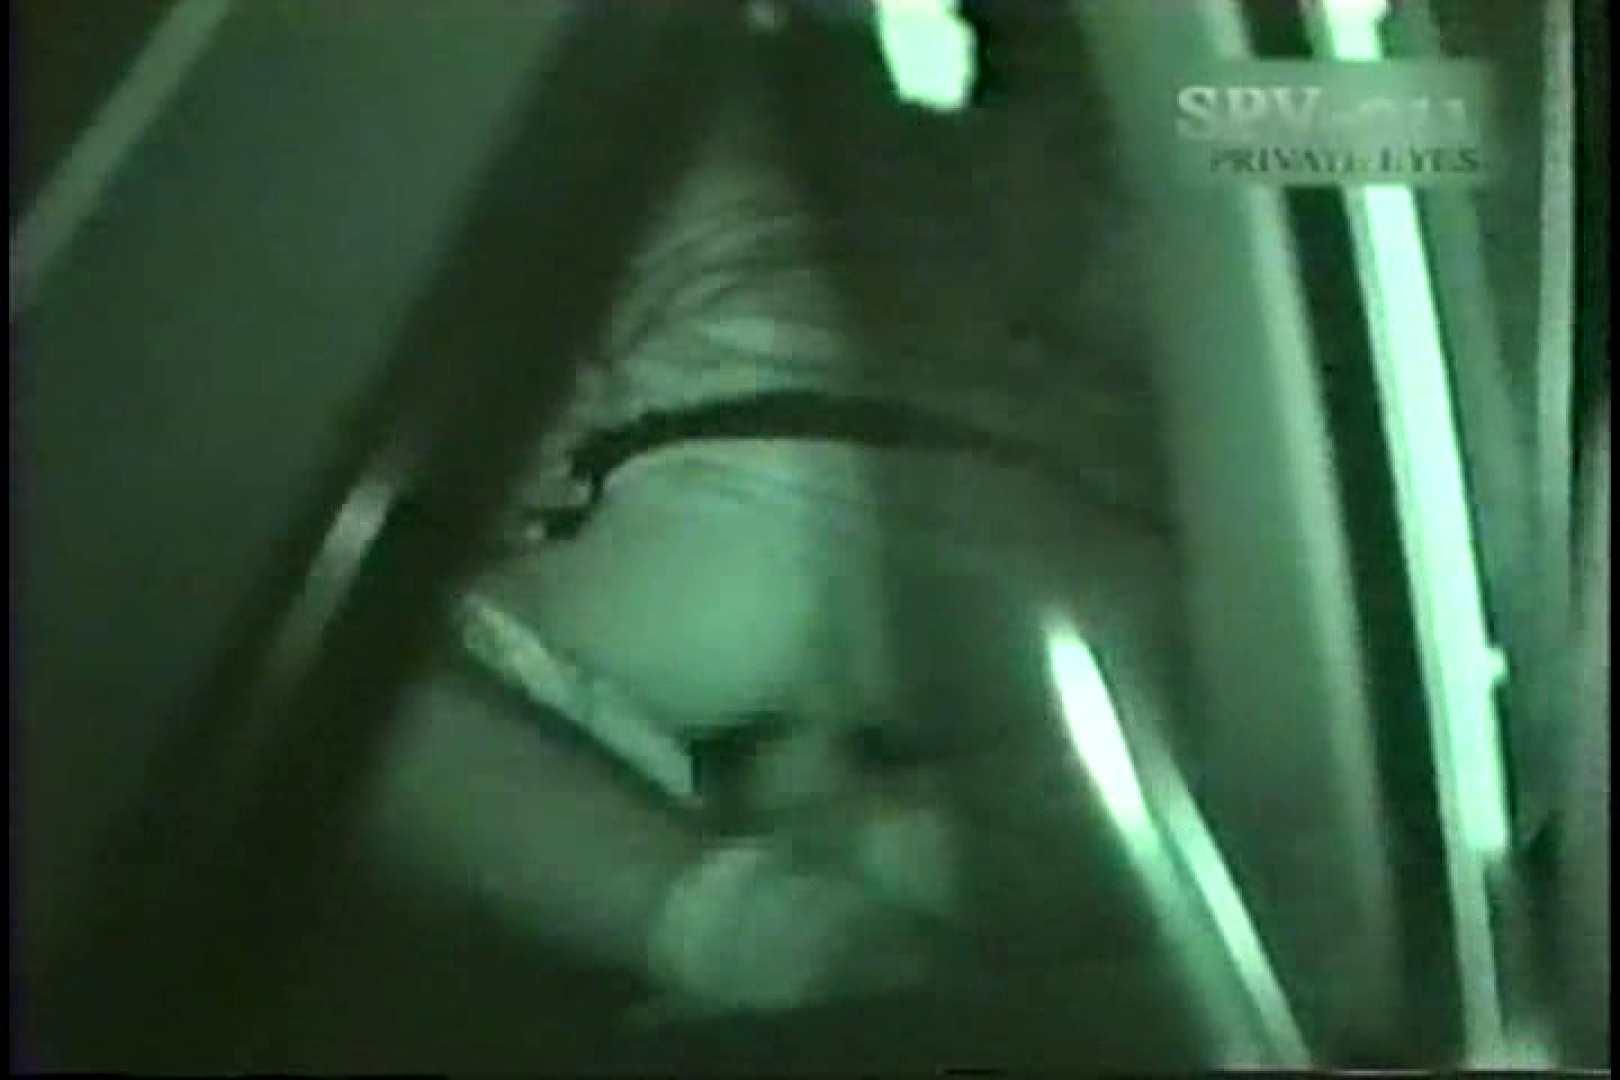 高画質版!SPD-011 盗撮 カーセックス黙示録 (VHS) 名作 盗み撮りSEX無修正画像 104連発 4